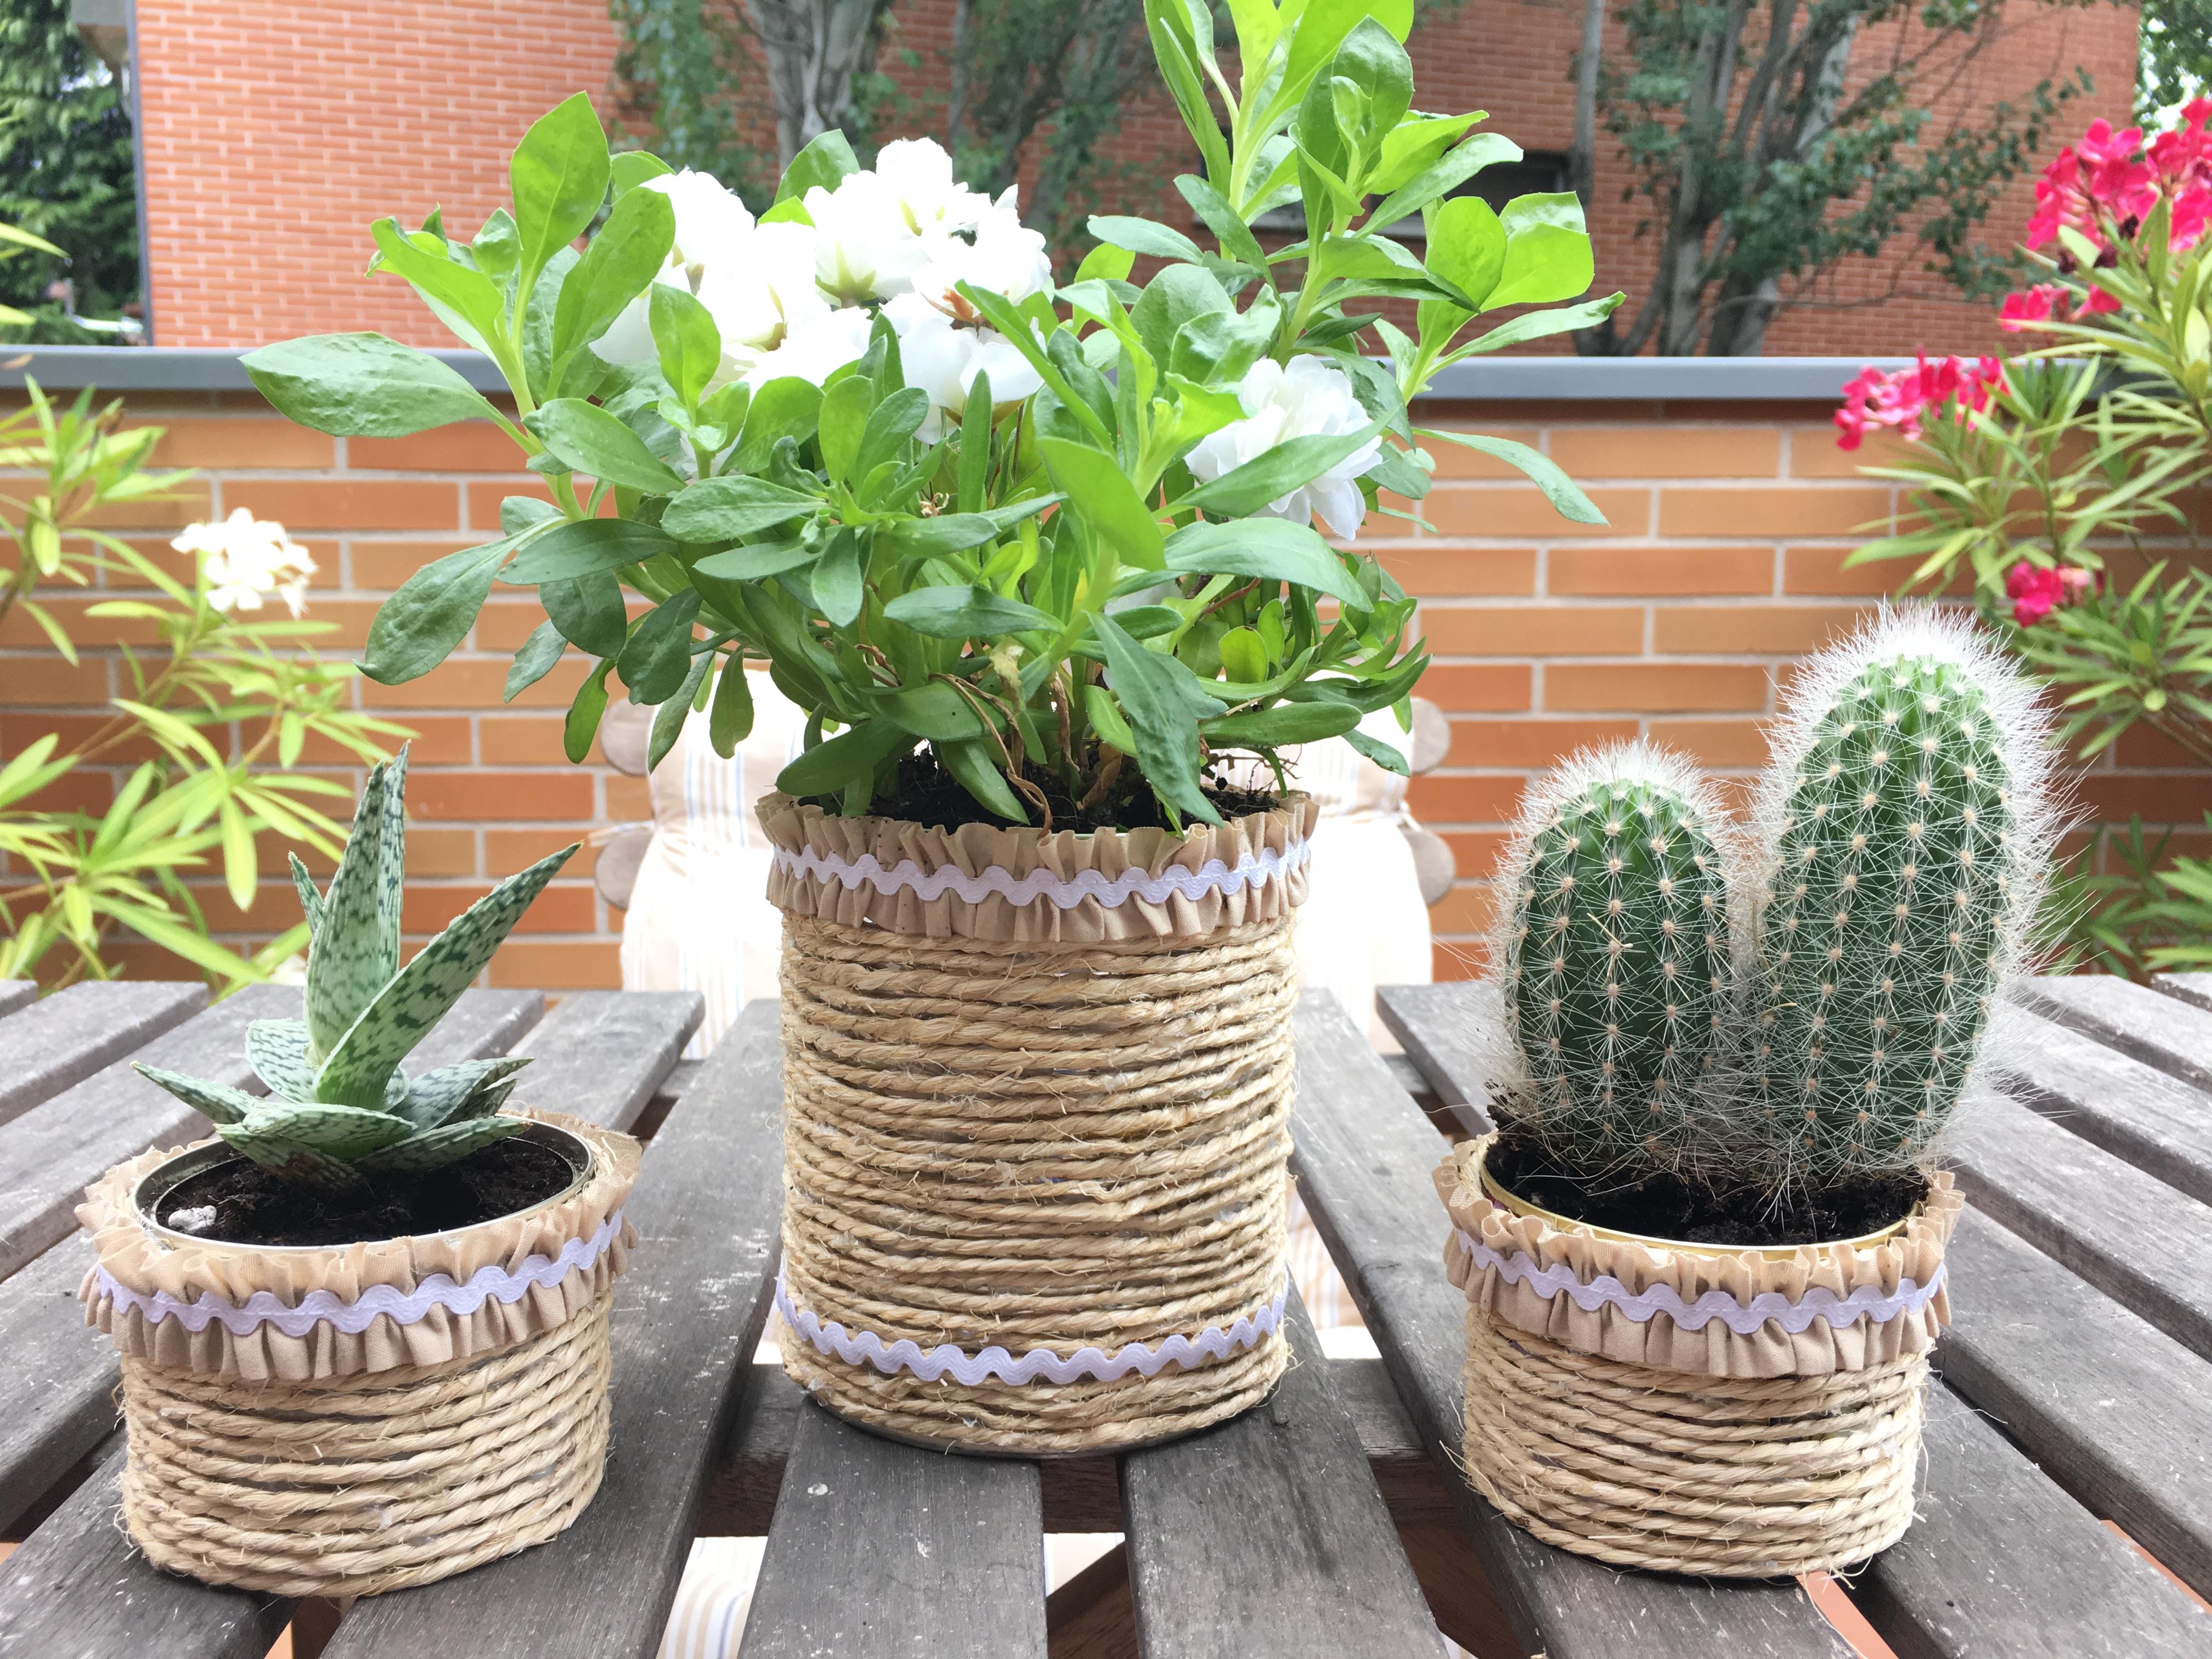 Reciclar latas de conserva 2 en mis manitas diy blog de - Reciclar latas de conserva ...